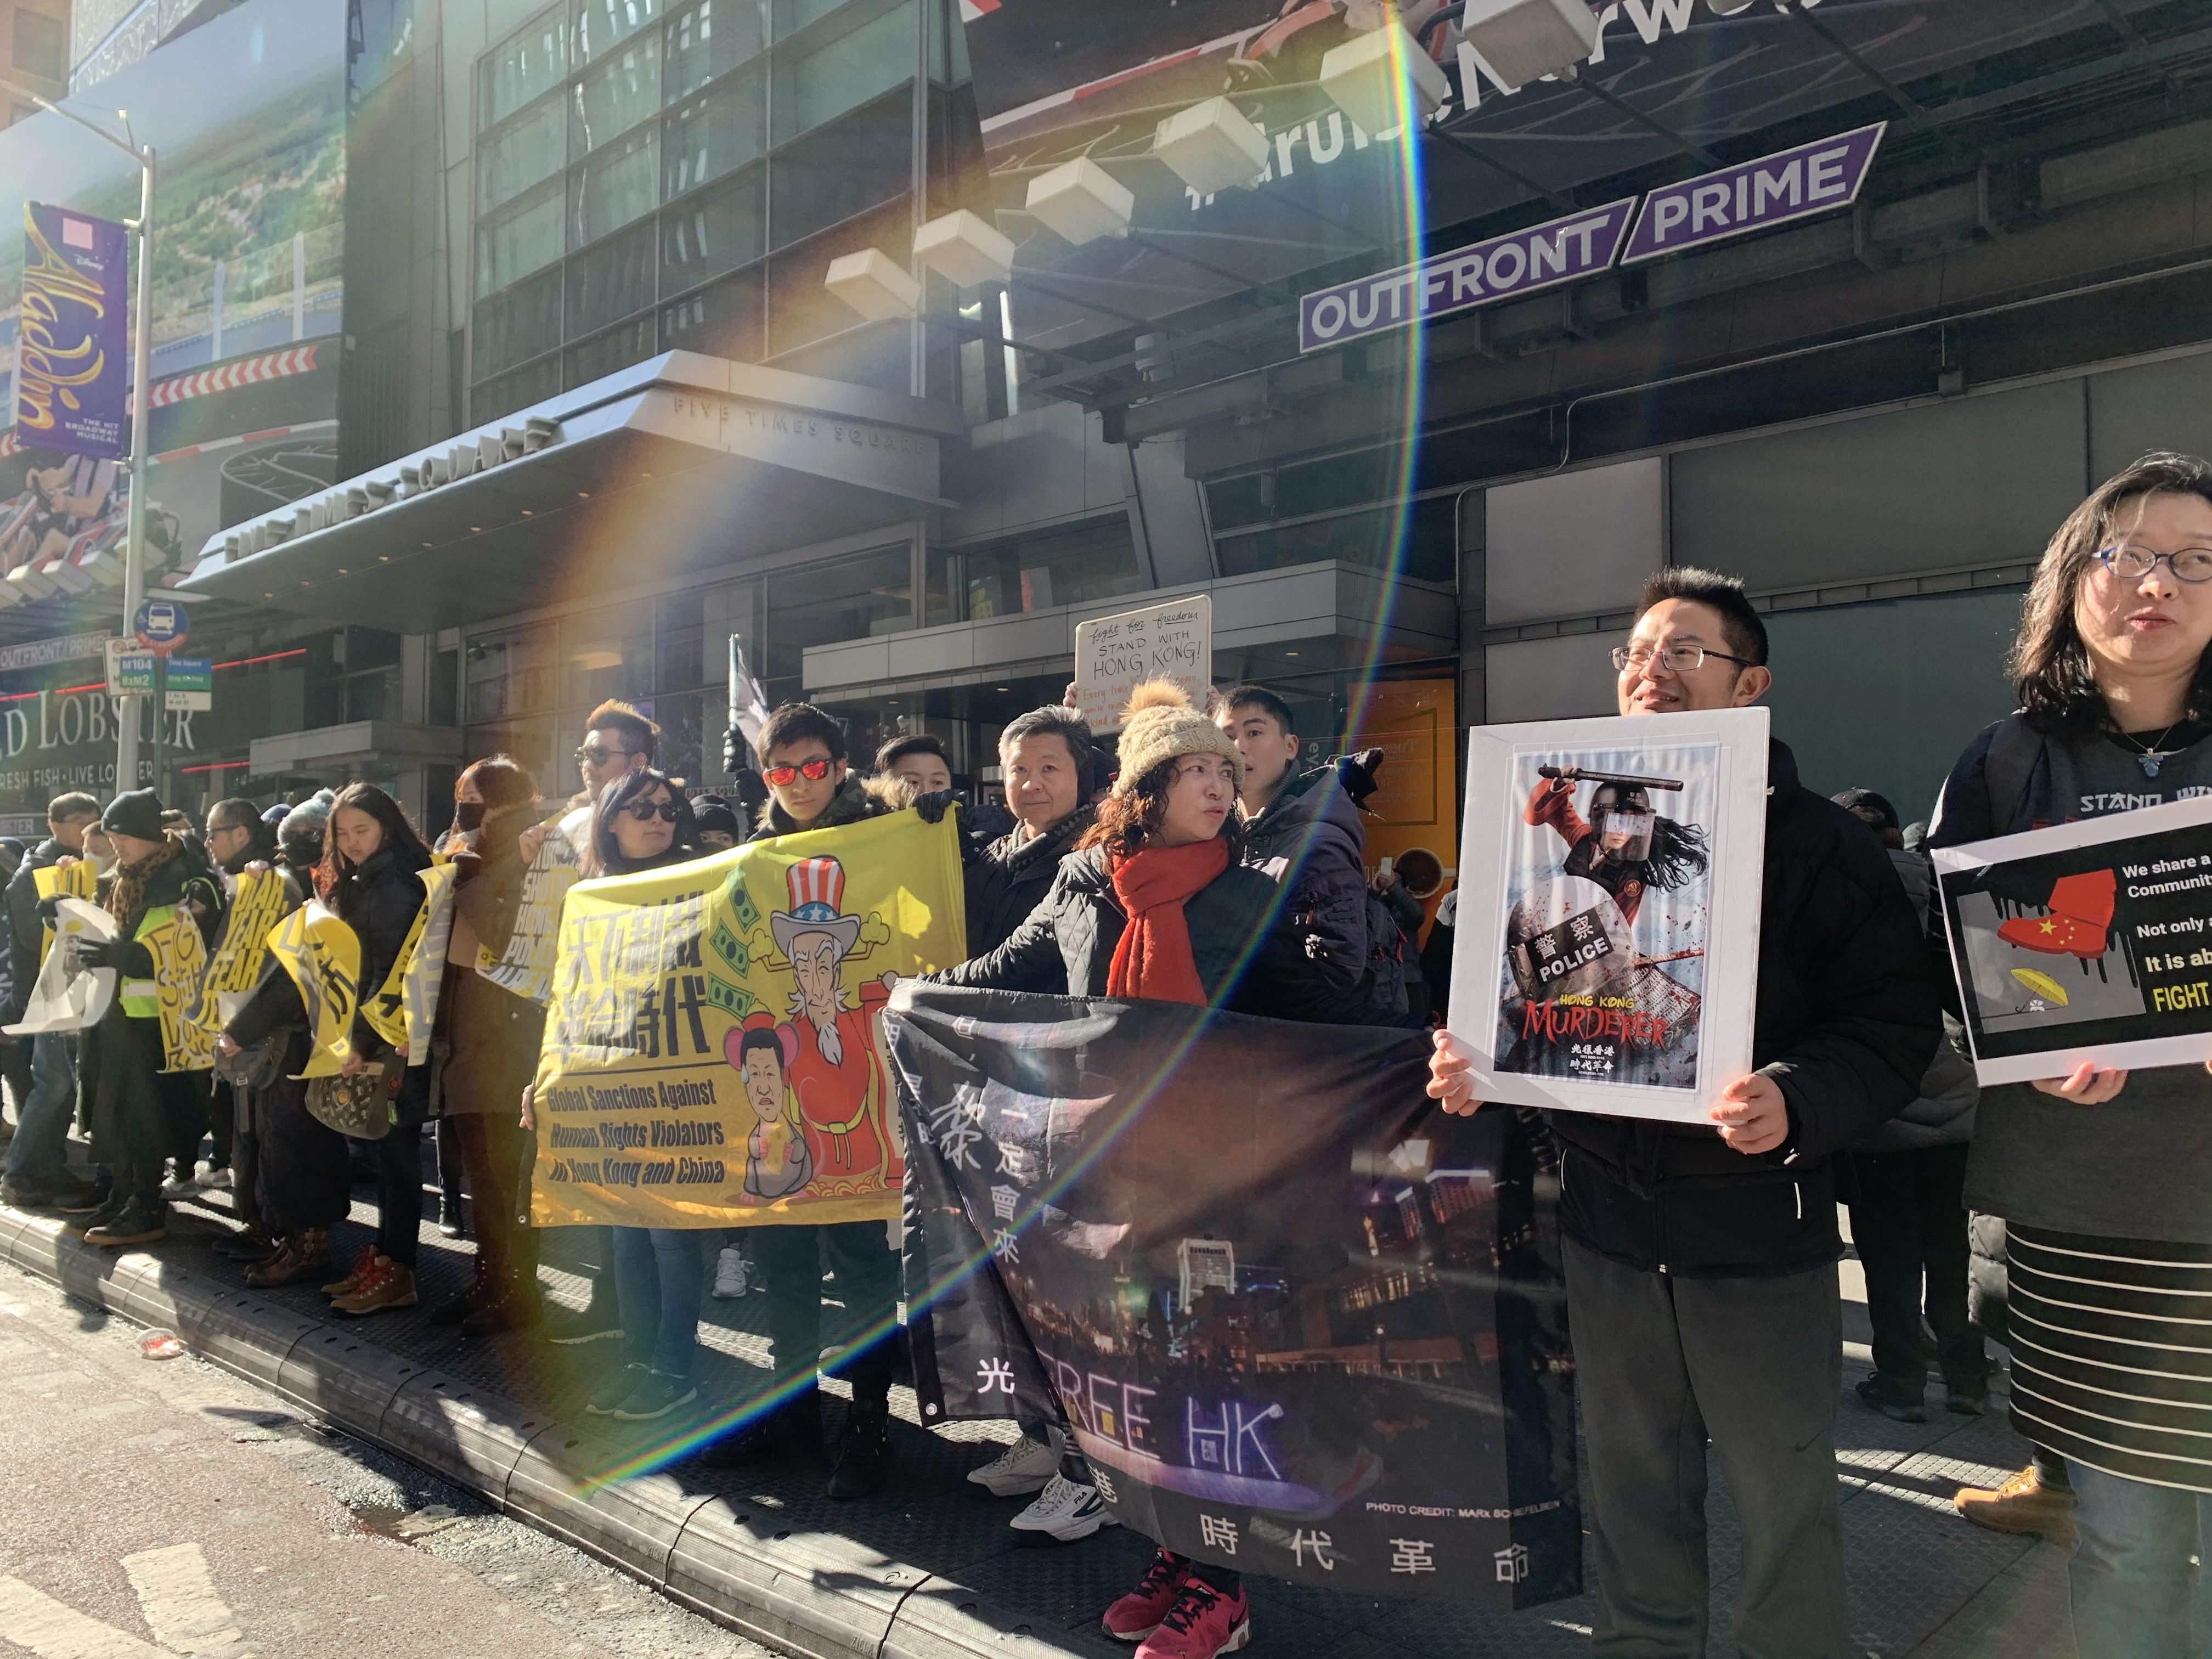 響應香港抗暴 紐約港人「制裁中共」遊行